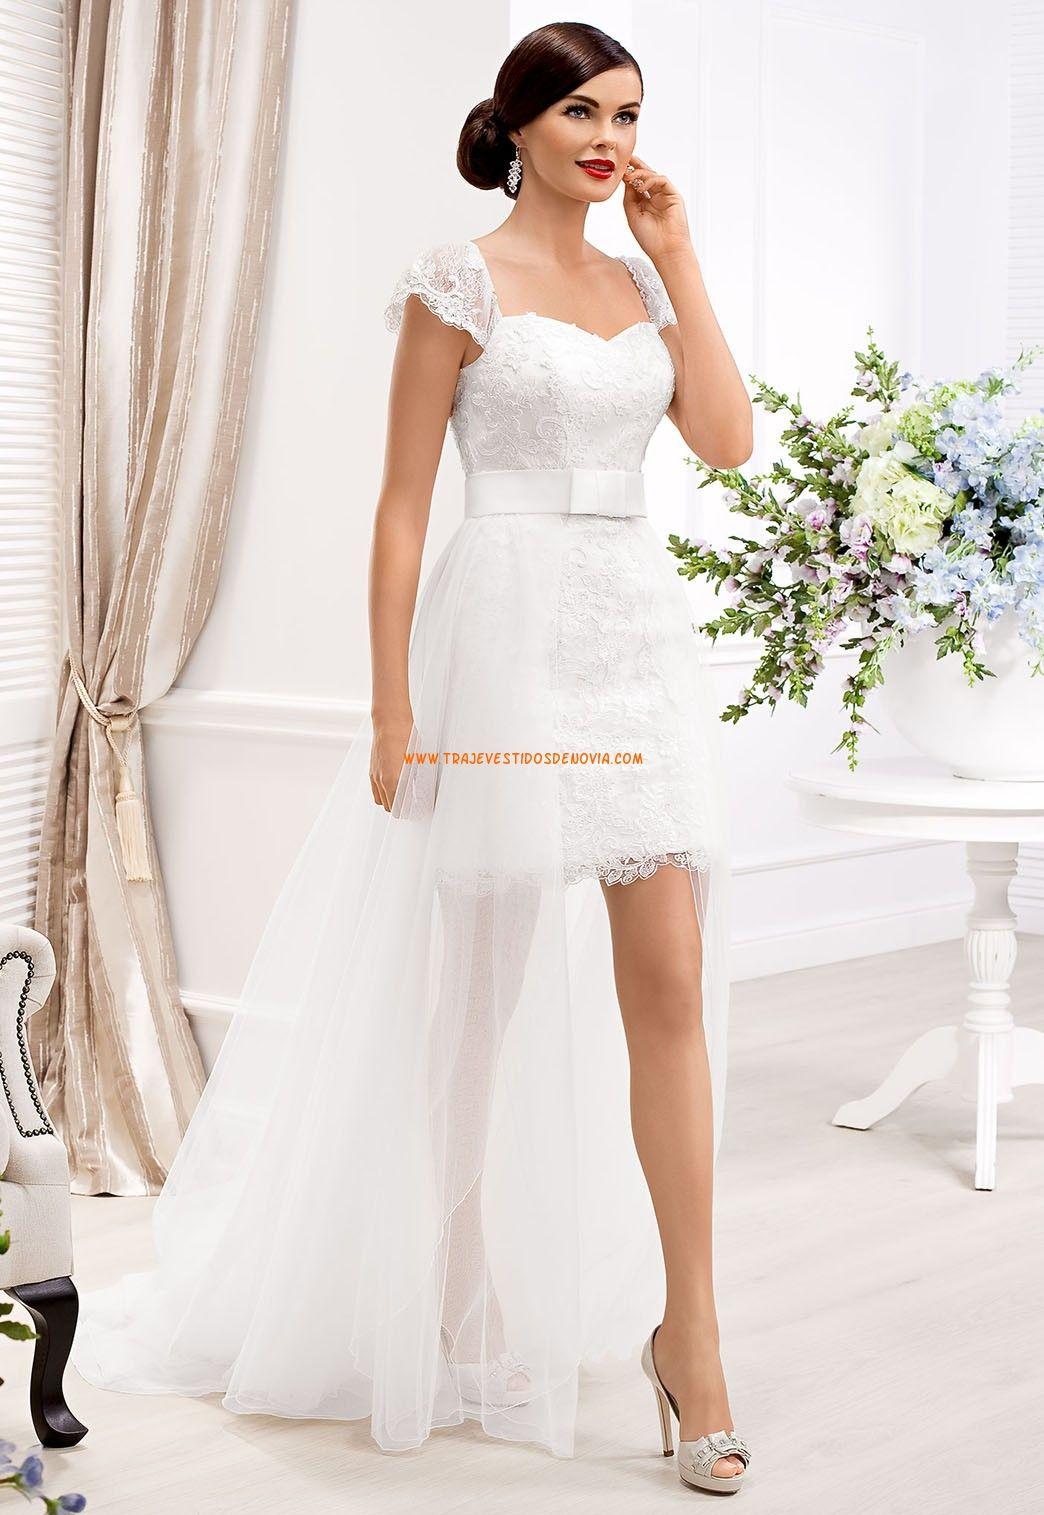 108a8ee96 Vestidos de novia de tul con cola desmontables de encaje